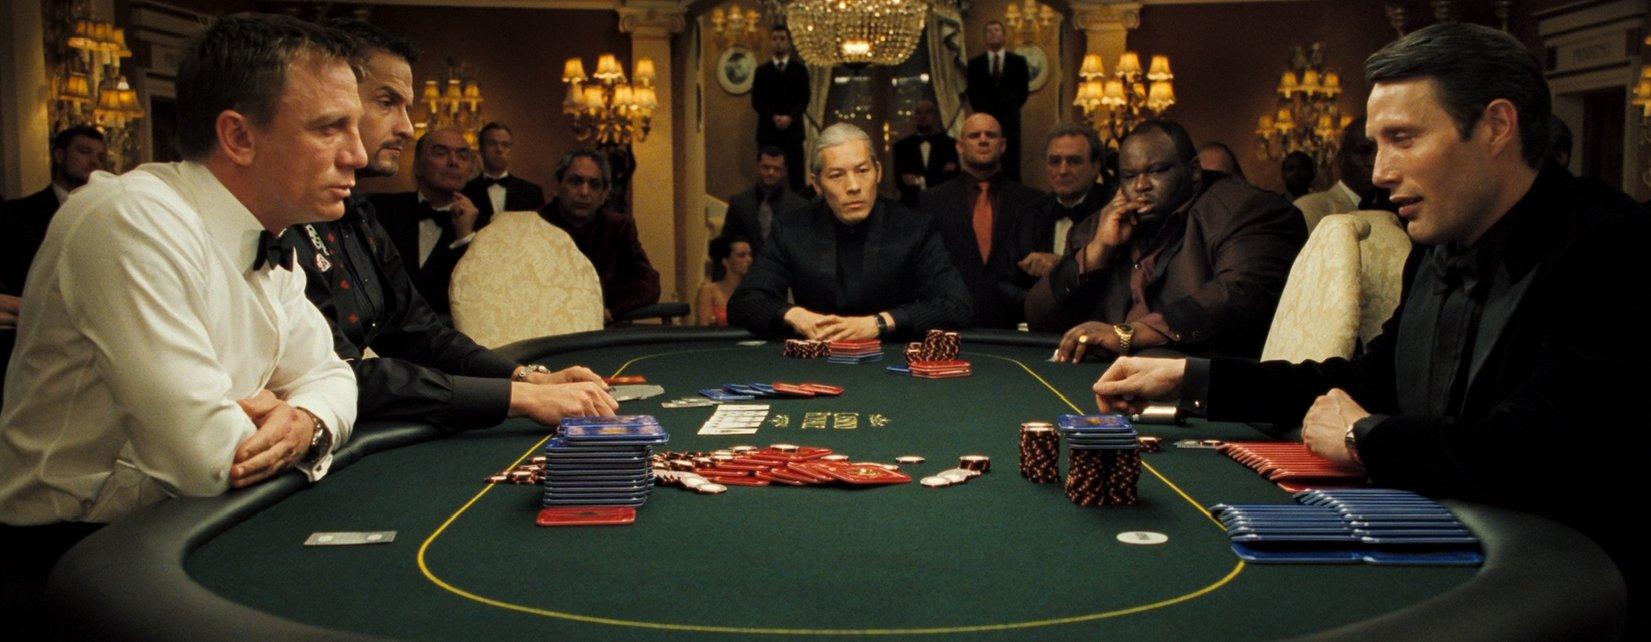 Покер казино онлайн фильм игровые аппараты flash